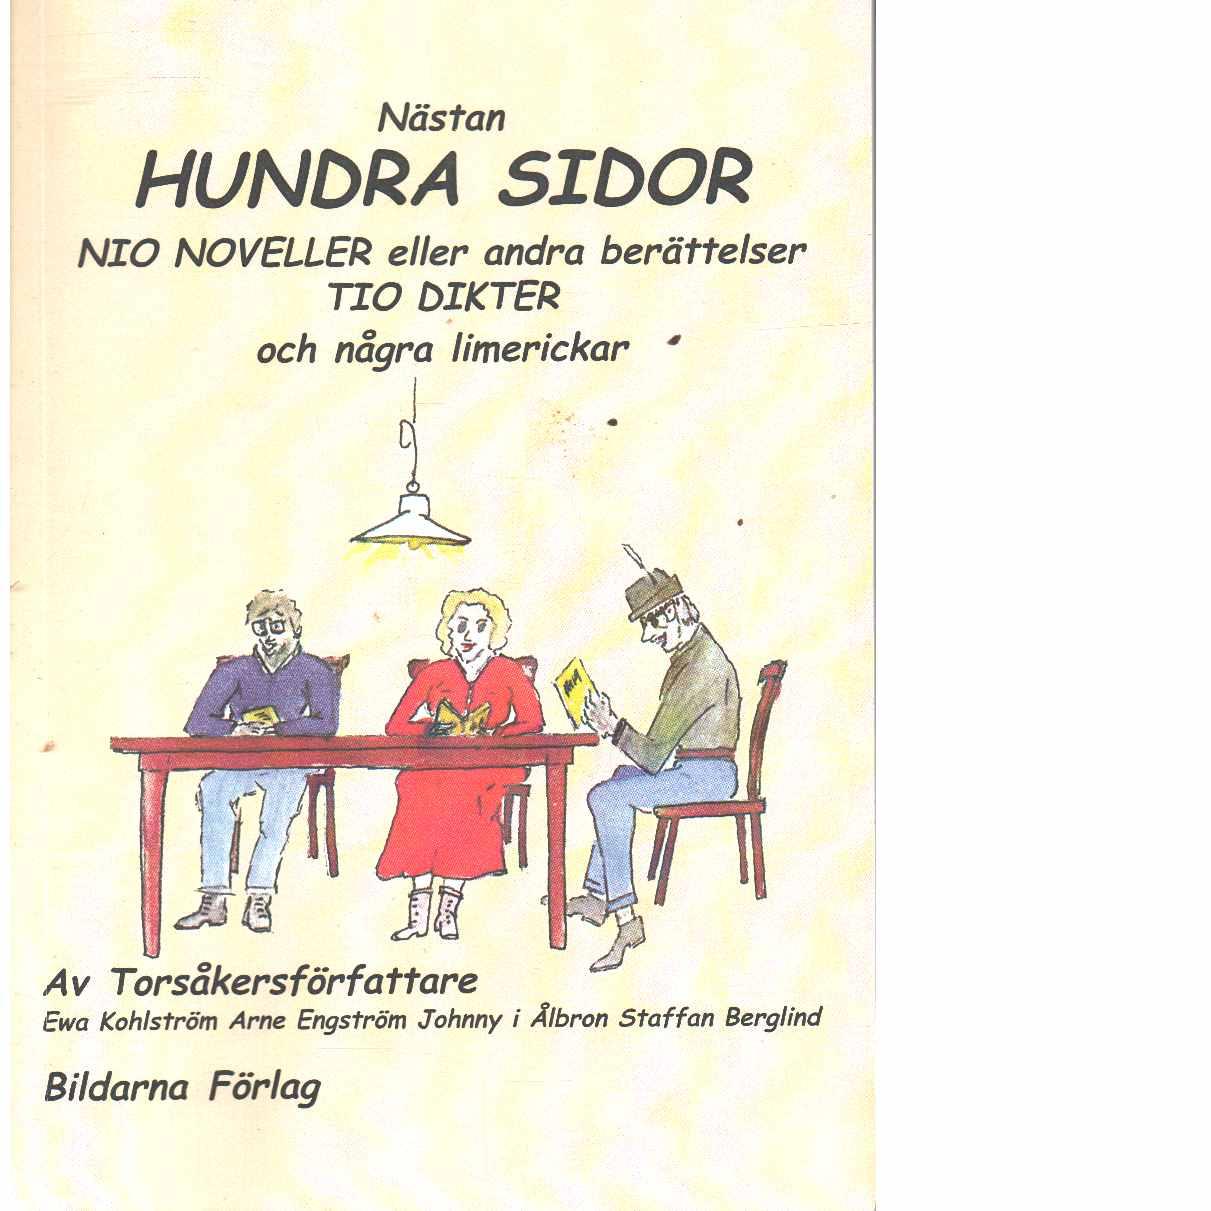 Nästan hundra sidor : nio noveller eller andra berättelser, tio dikter och några limerickar  - Kohlström, Ewa